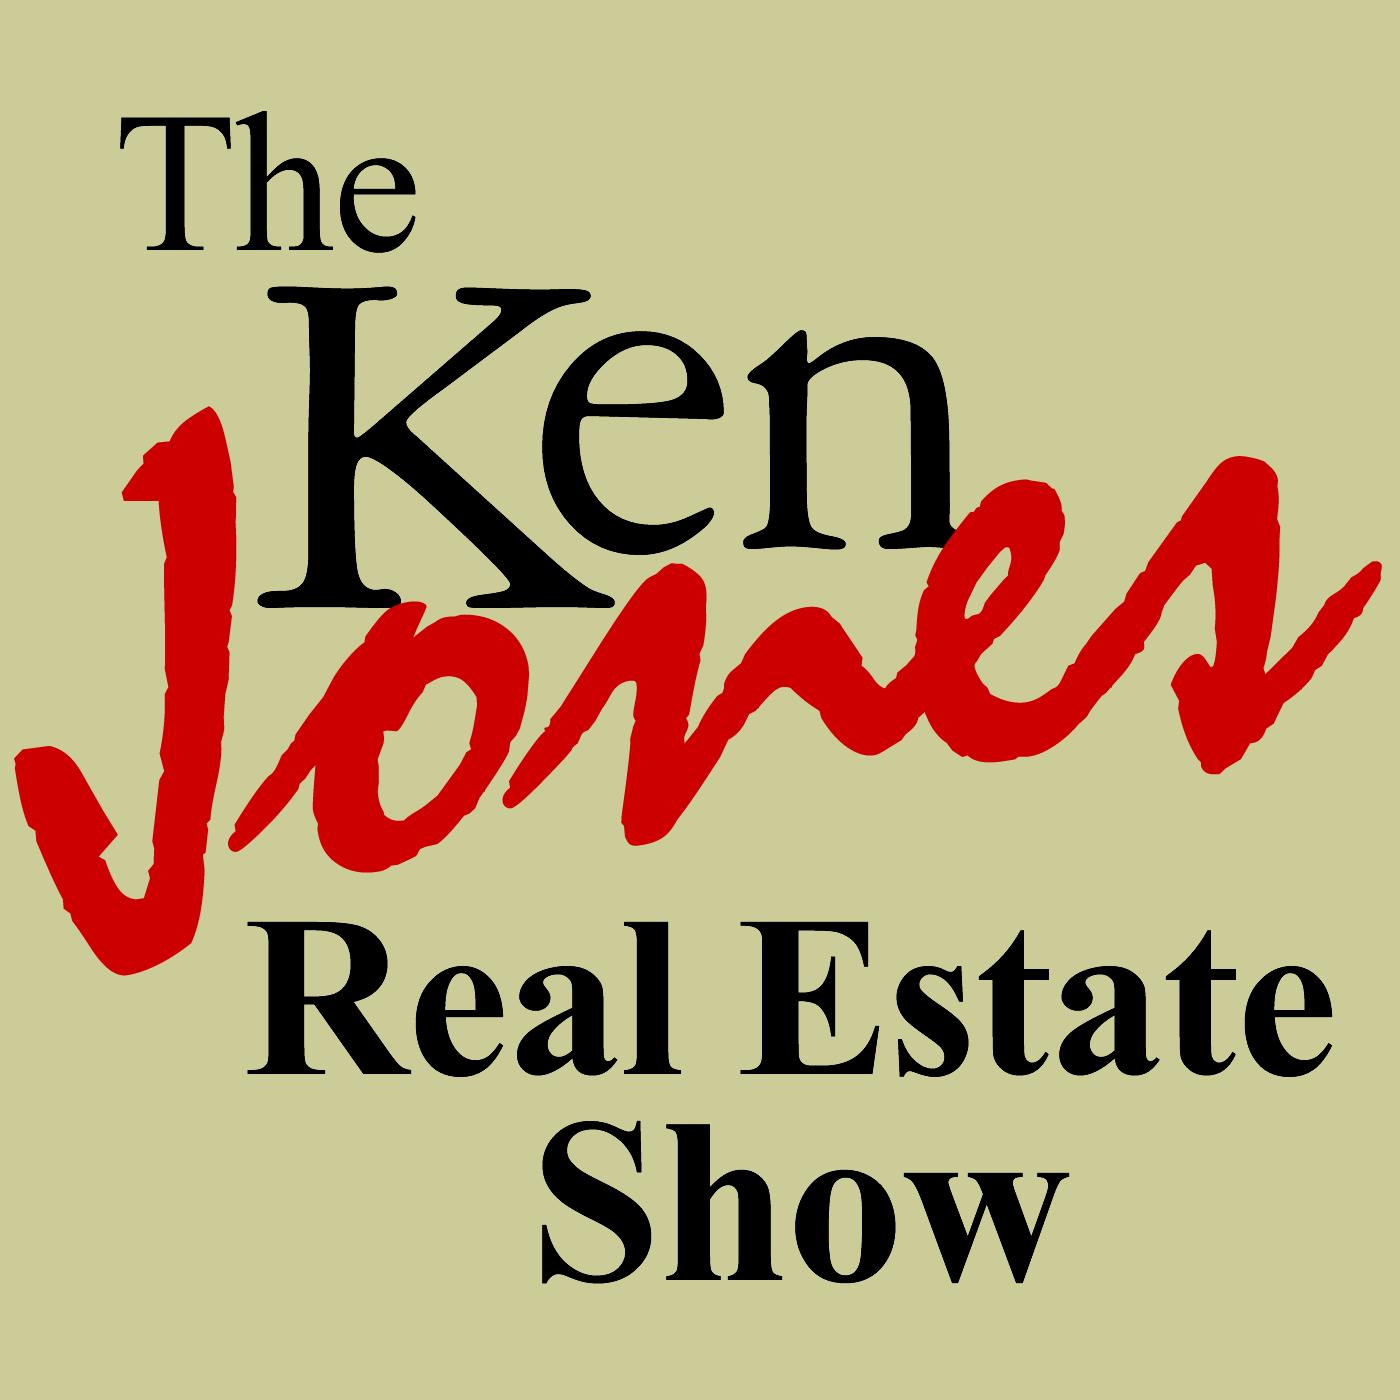 The Ken Jones Real Estate Show